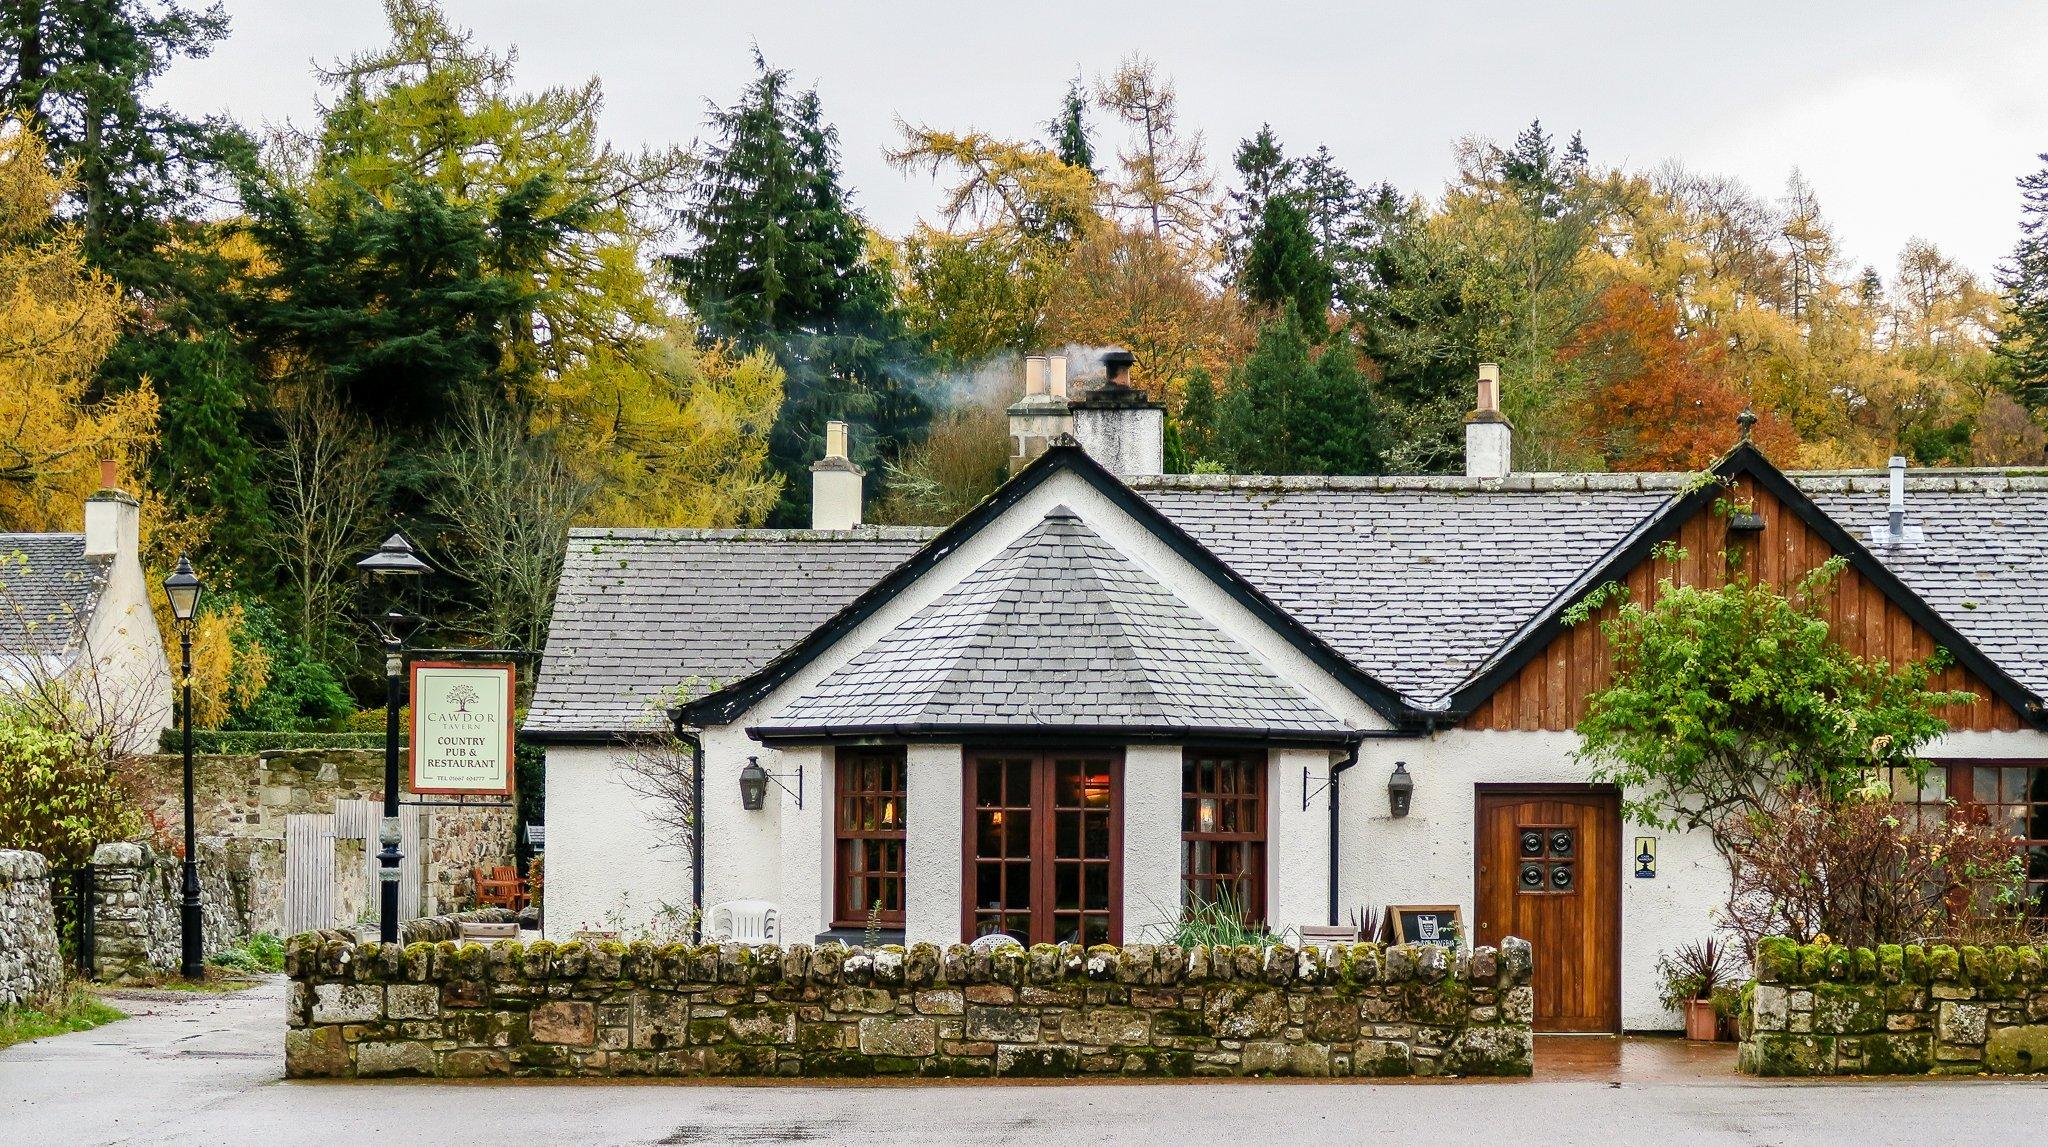 The Cawdor Tavern